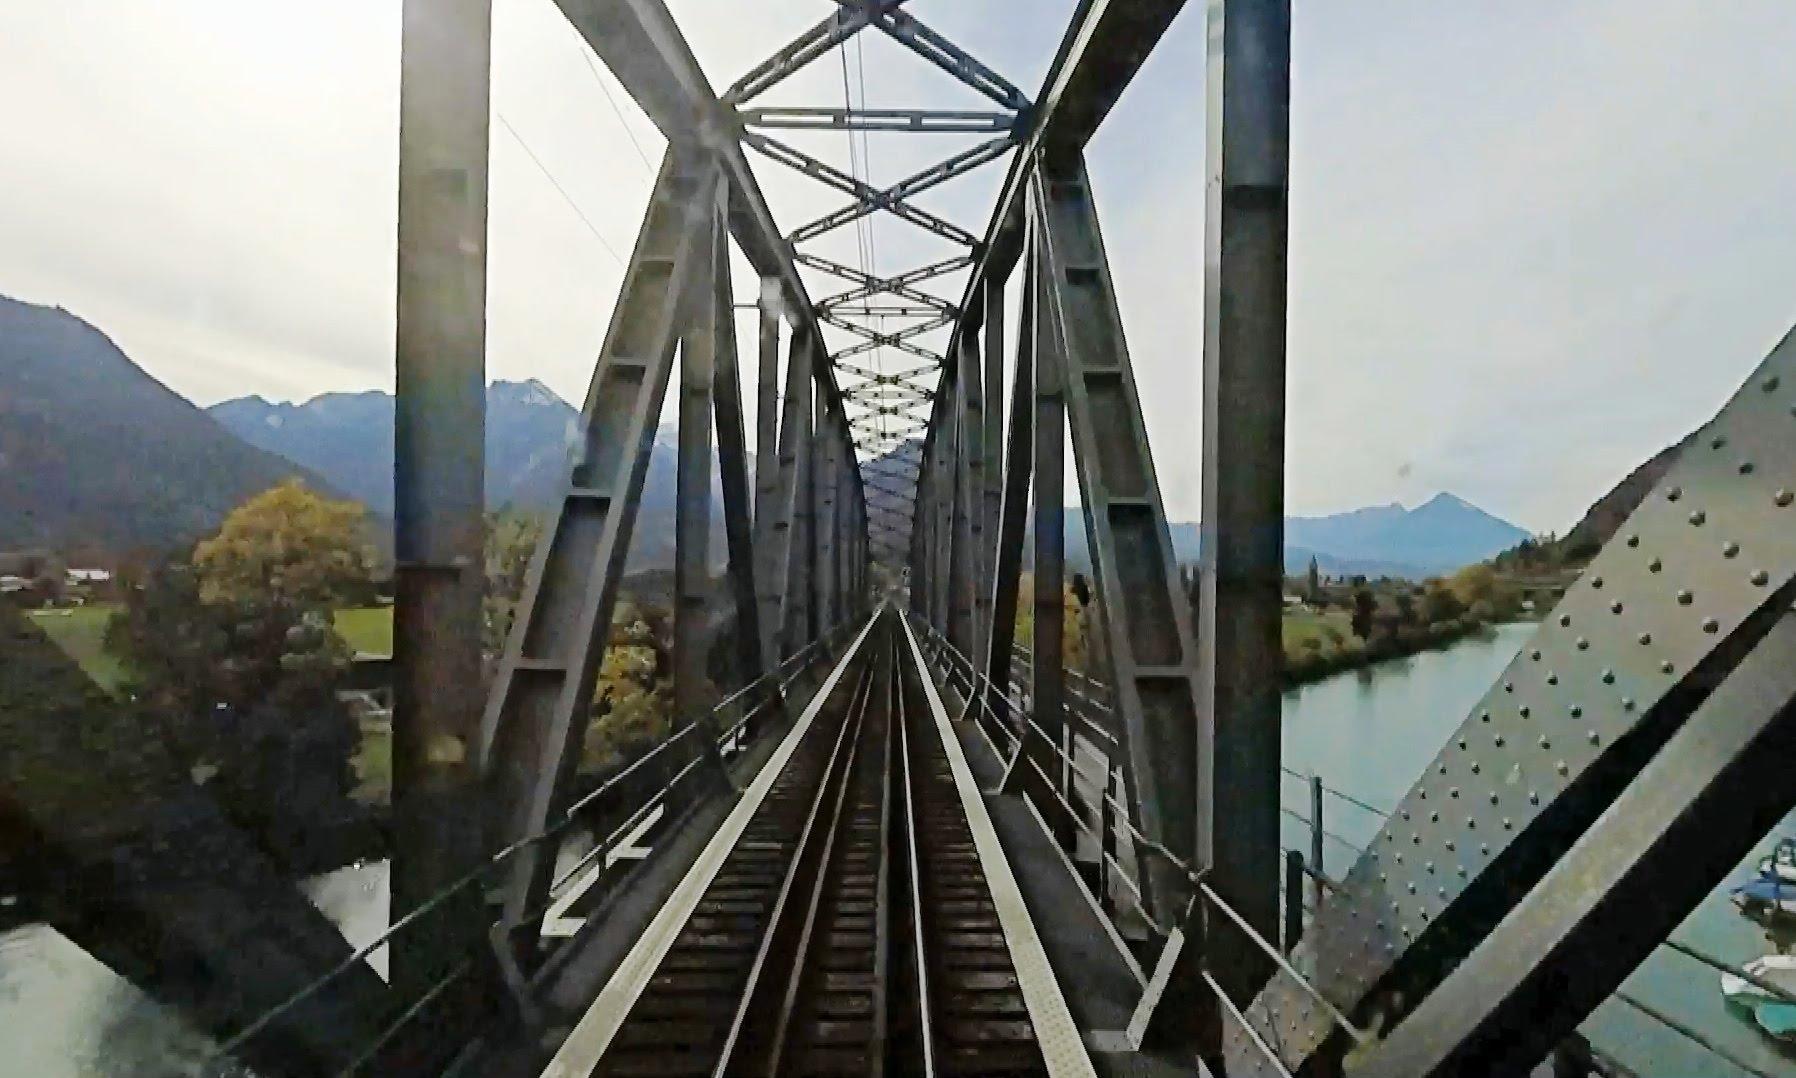 Driver's Eye View – Meiringen to Interlaken (Switzerland)